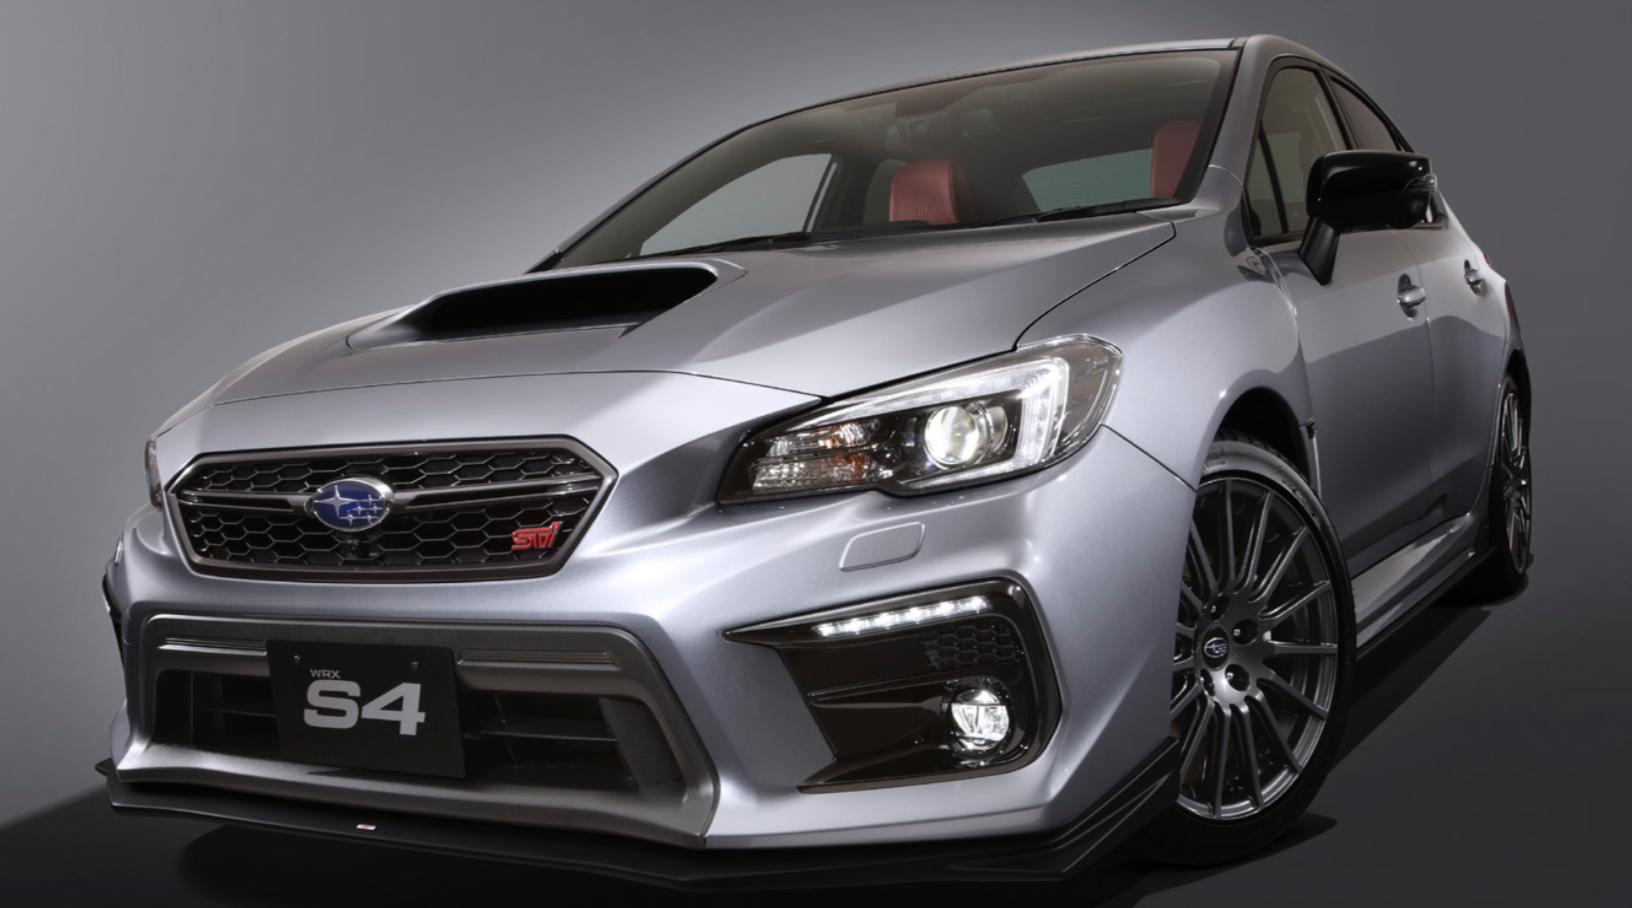 S4 sport# wrx sti Subaru WRX